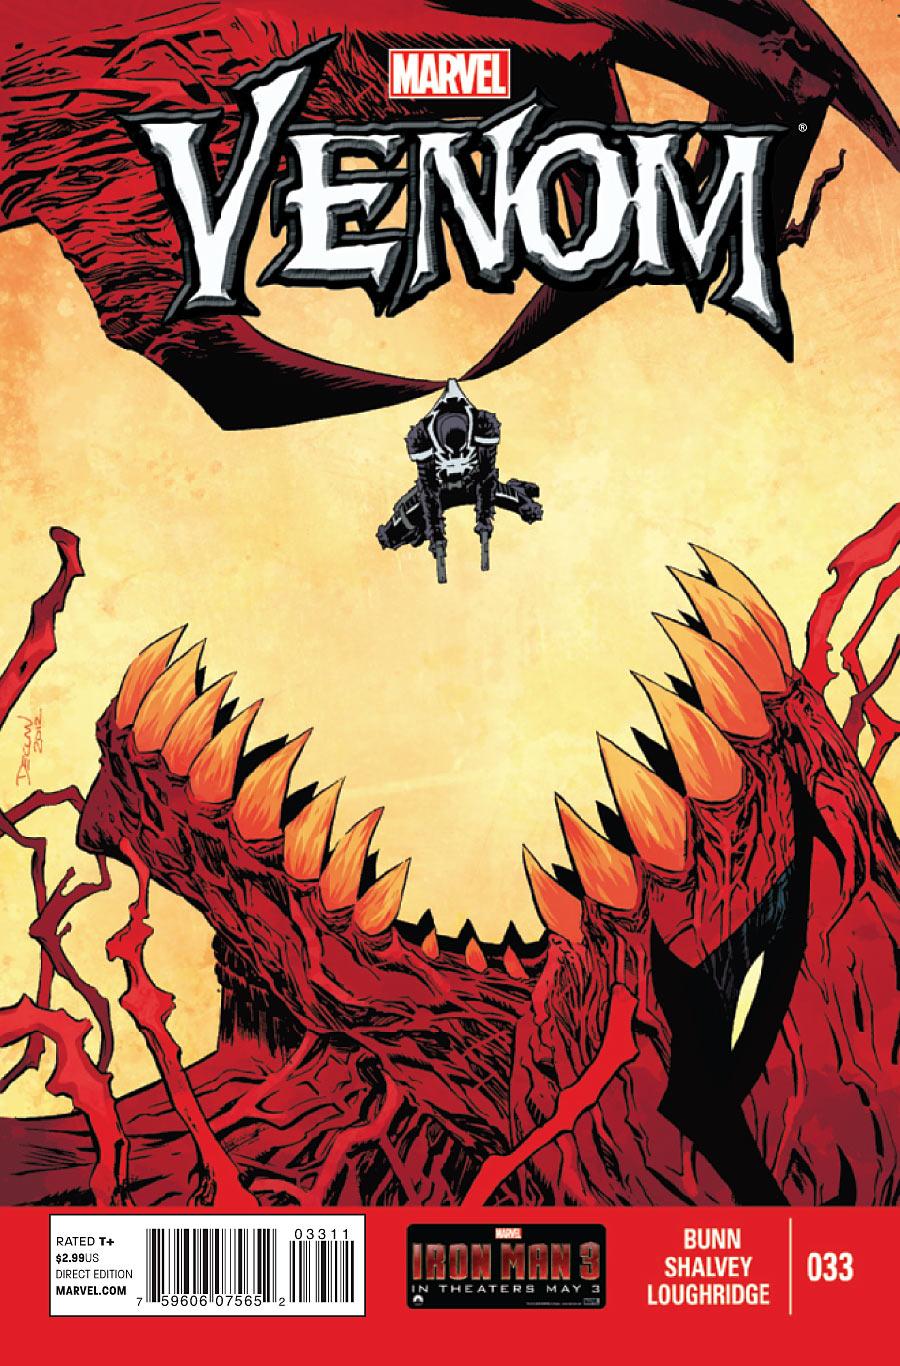 Preview: Venom #33 | The Dynamic Buzz!